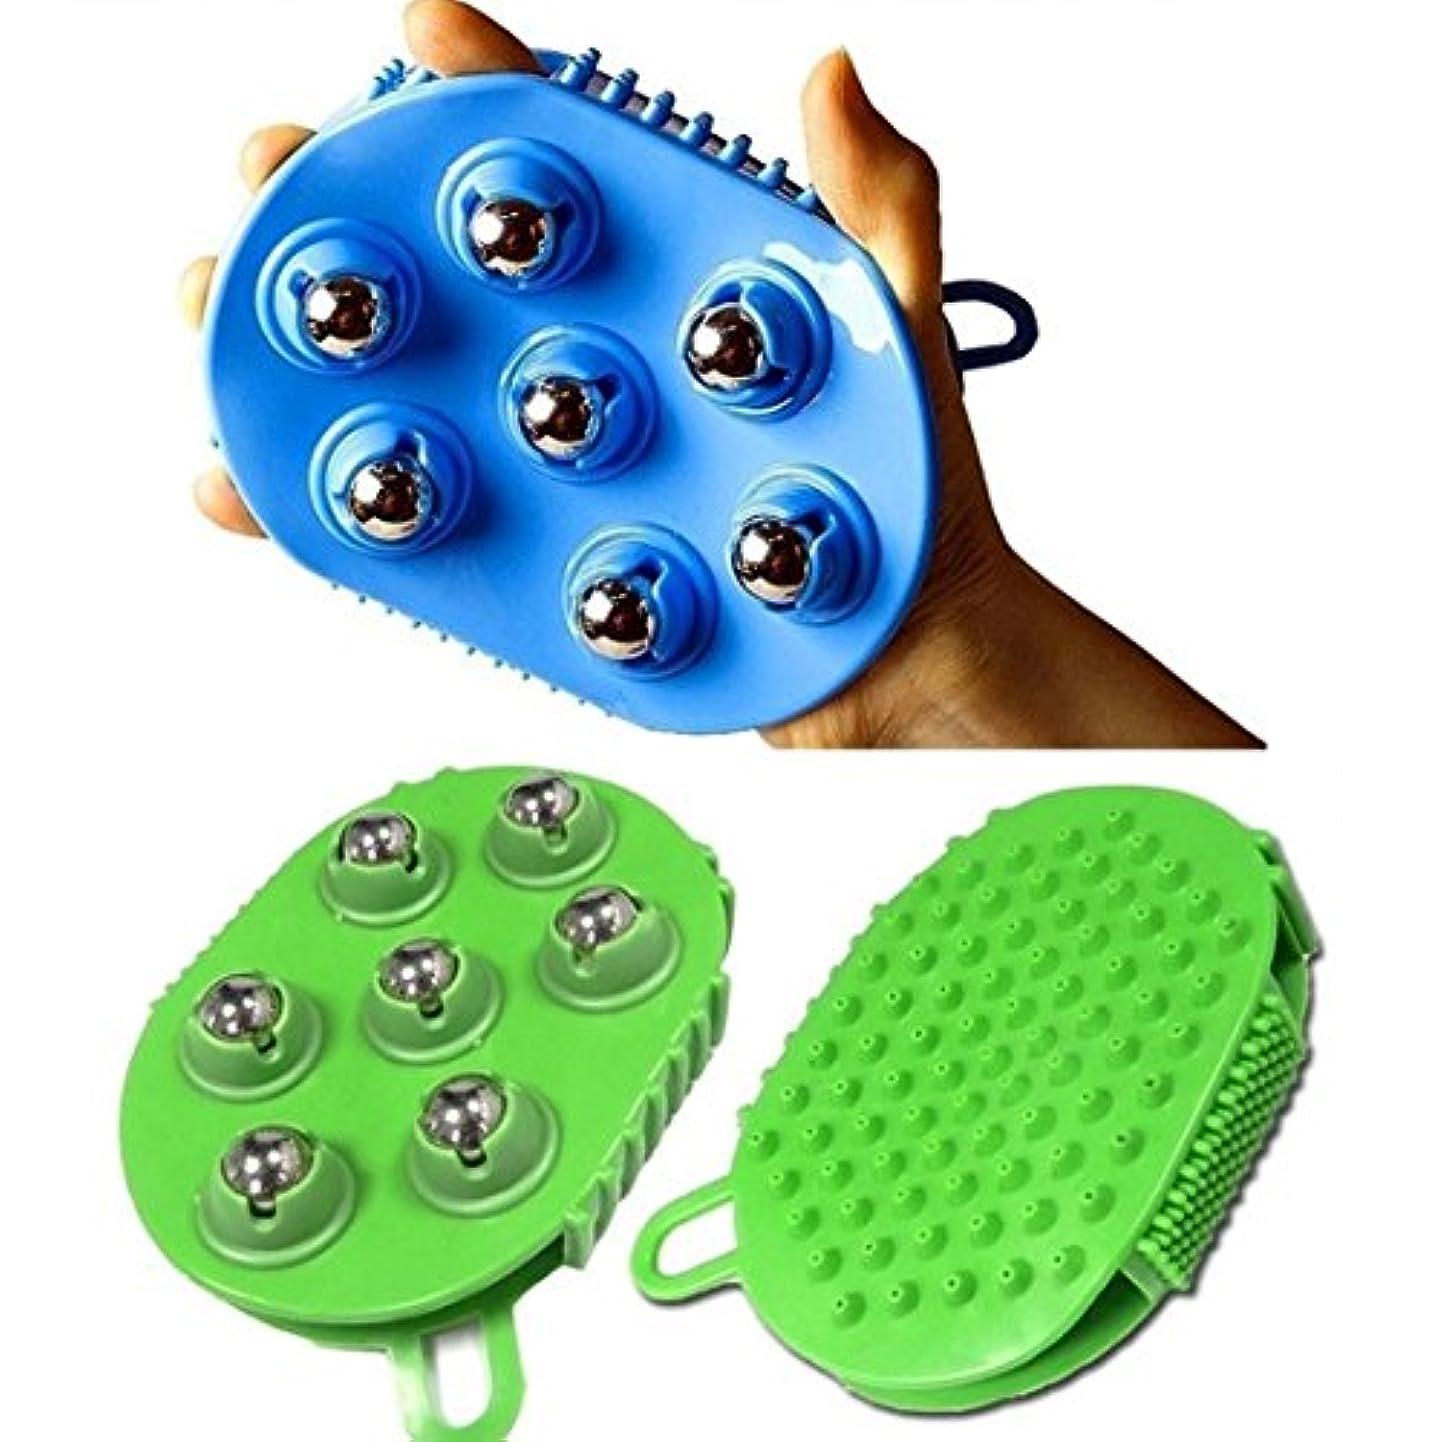 サイバースペース弾性恒久的ステンレススチールボールマッサージブラシグローブ7ローリング 360度回転 / Stainless steel Ball Massage Brush Glove 7 Rolling 360 degree rotation...